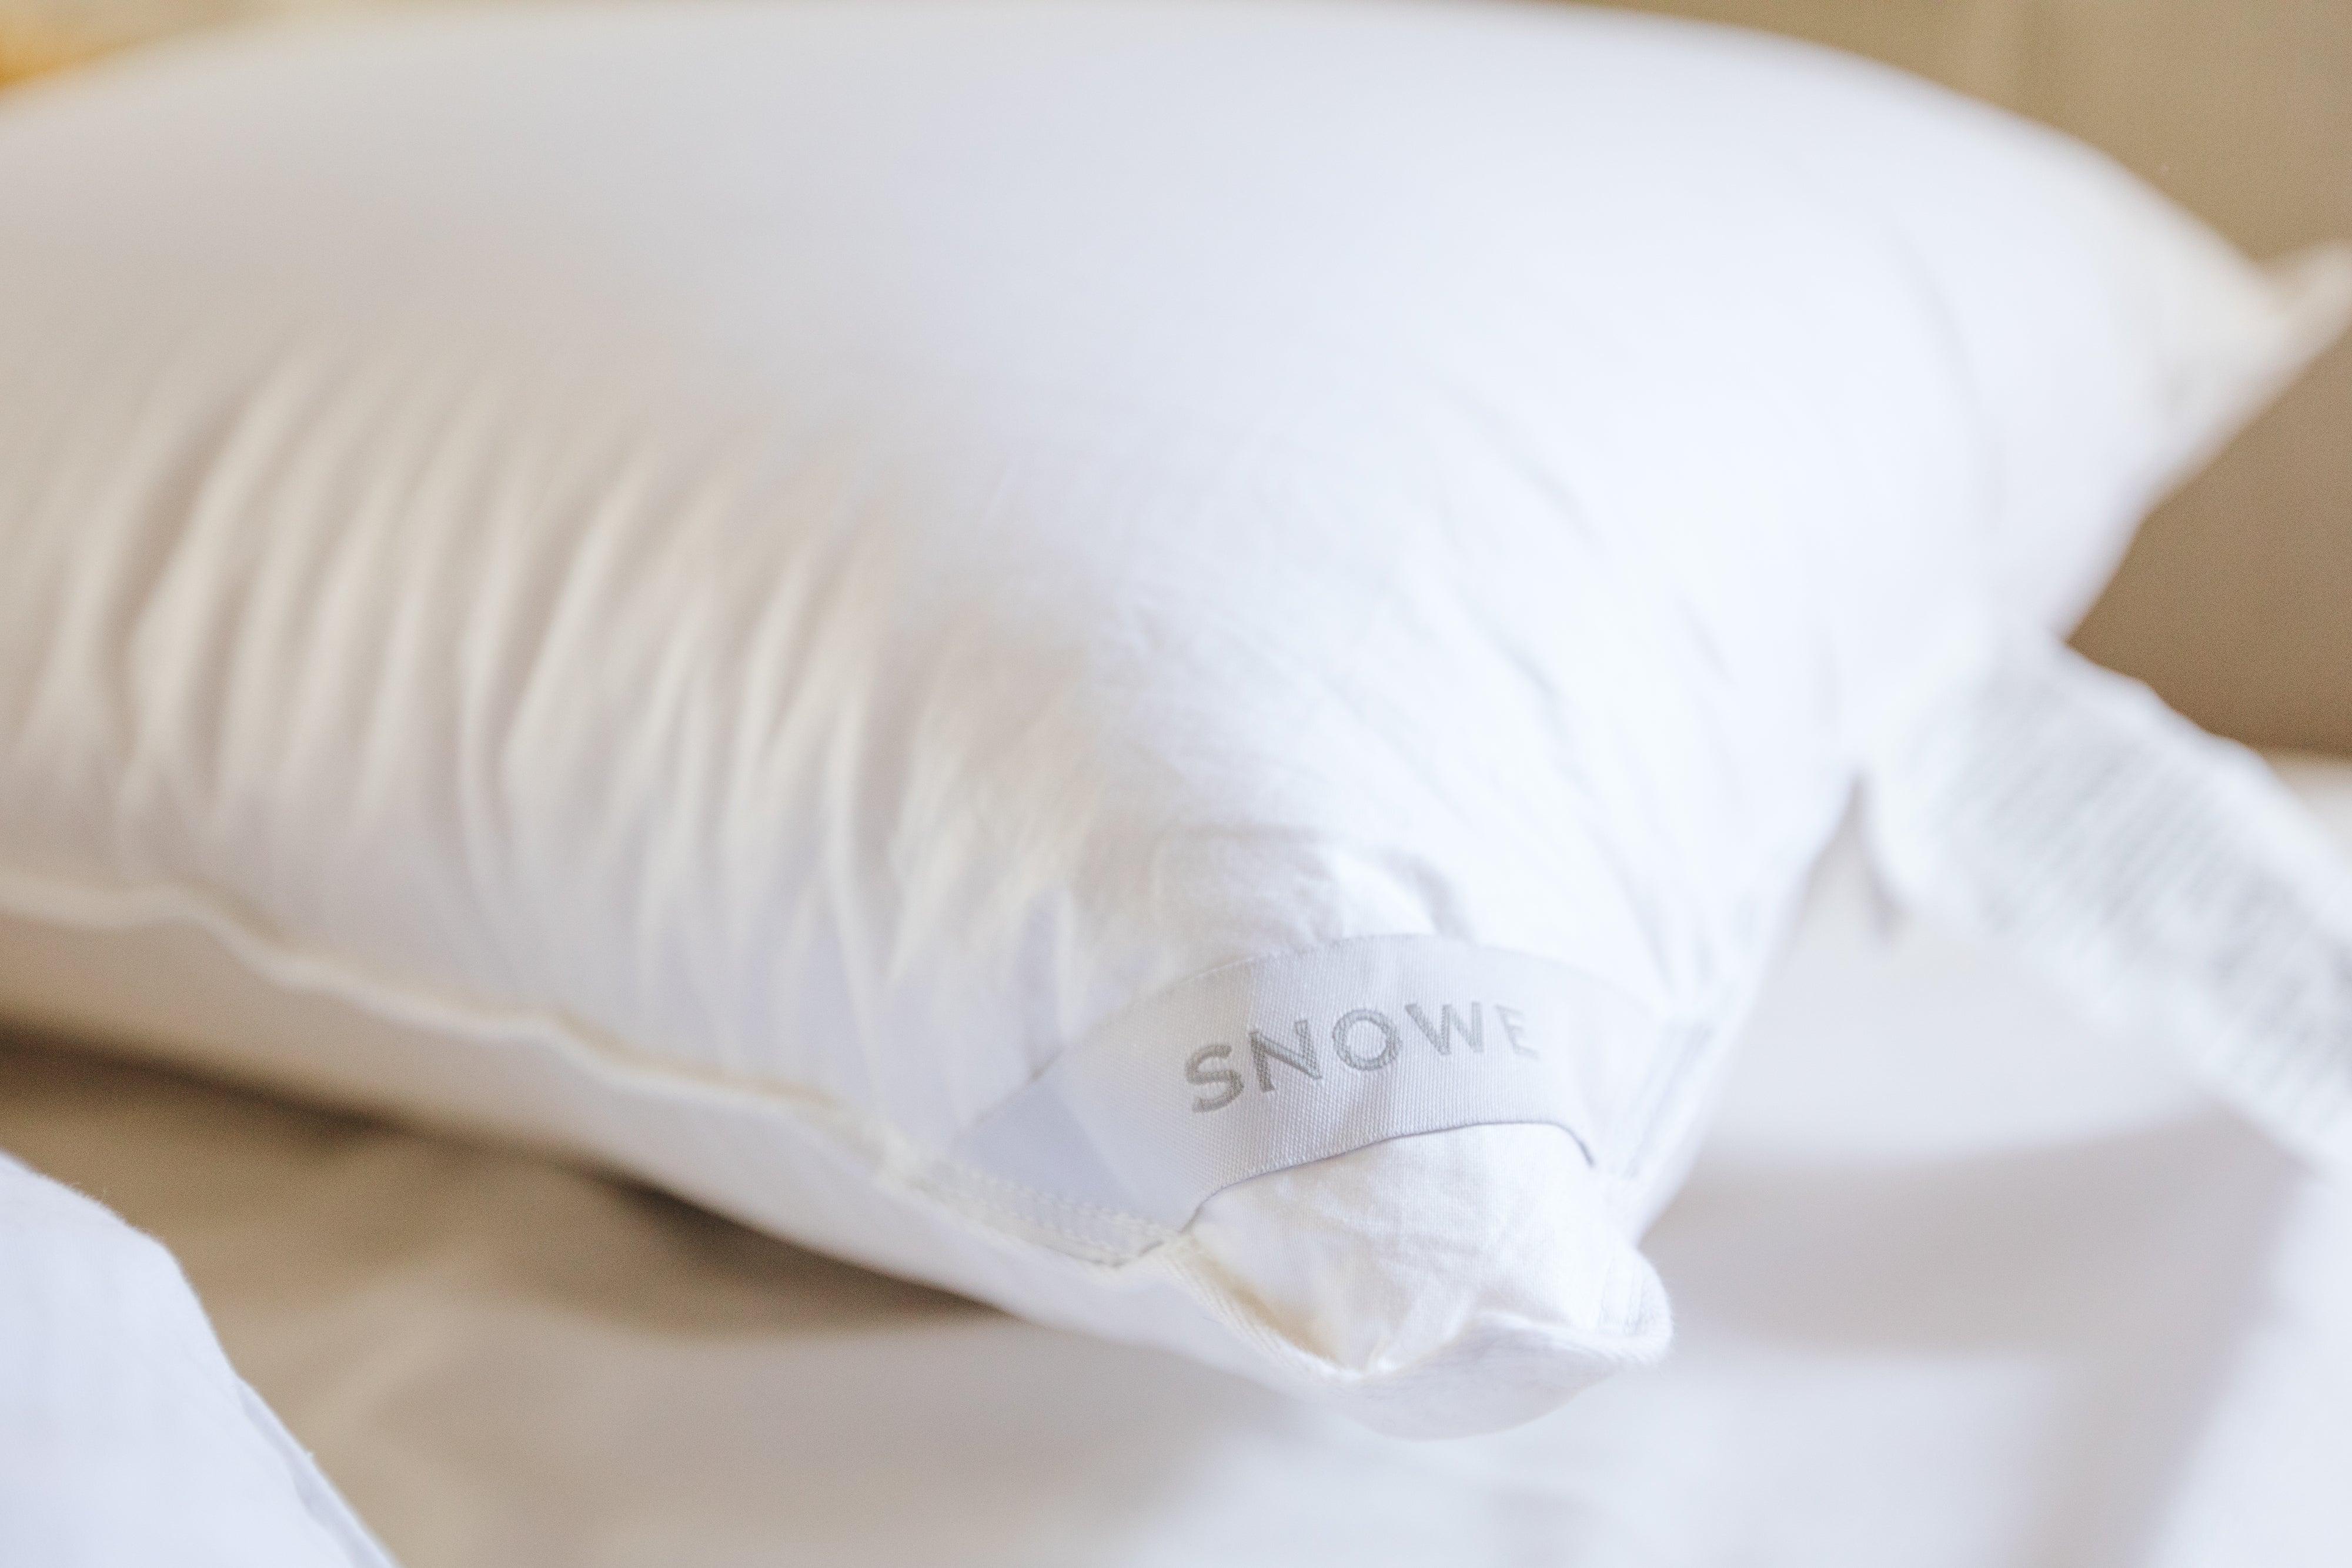 Snowe Down Pillow